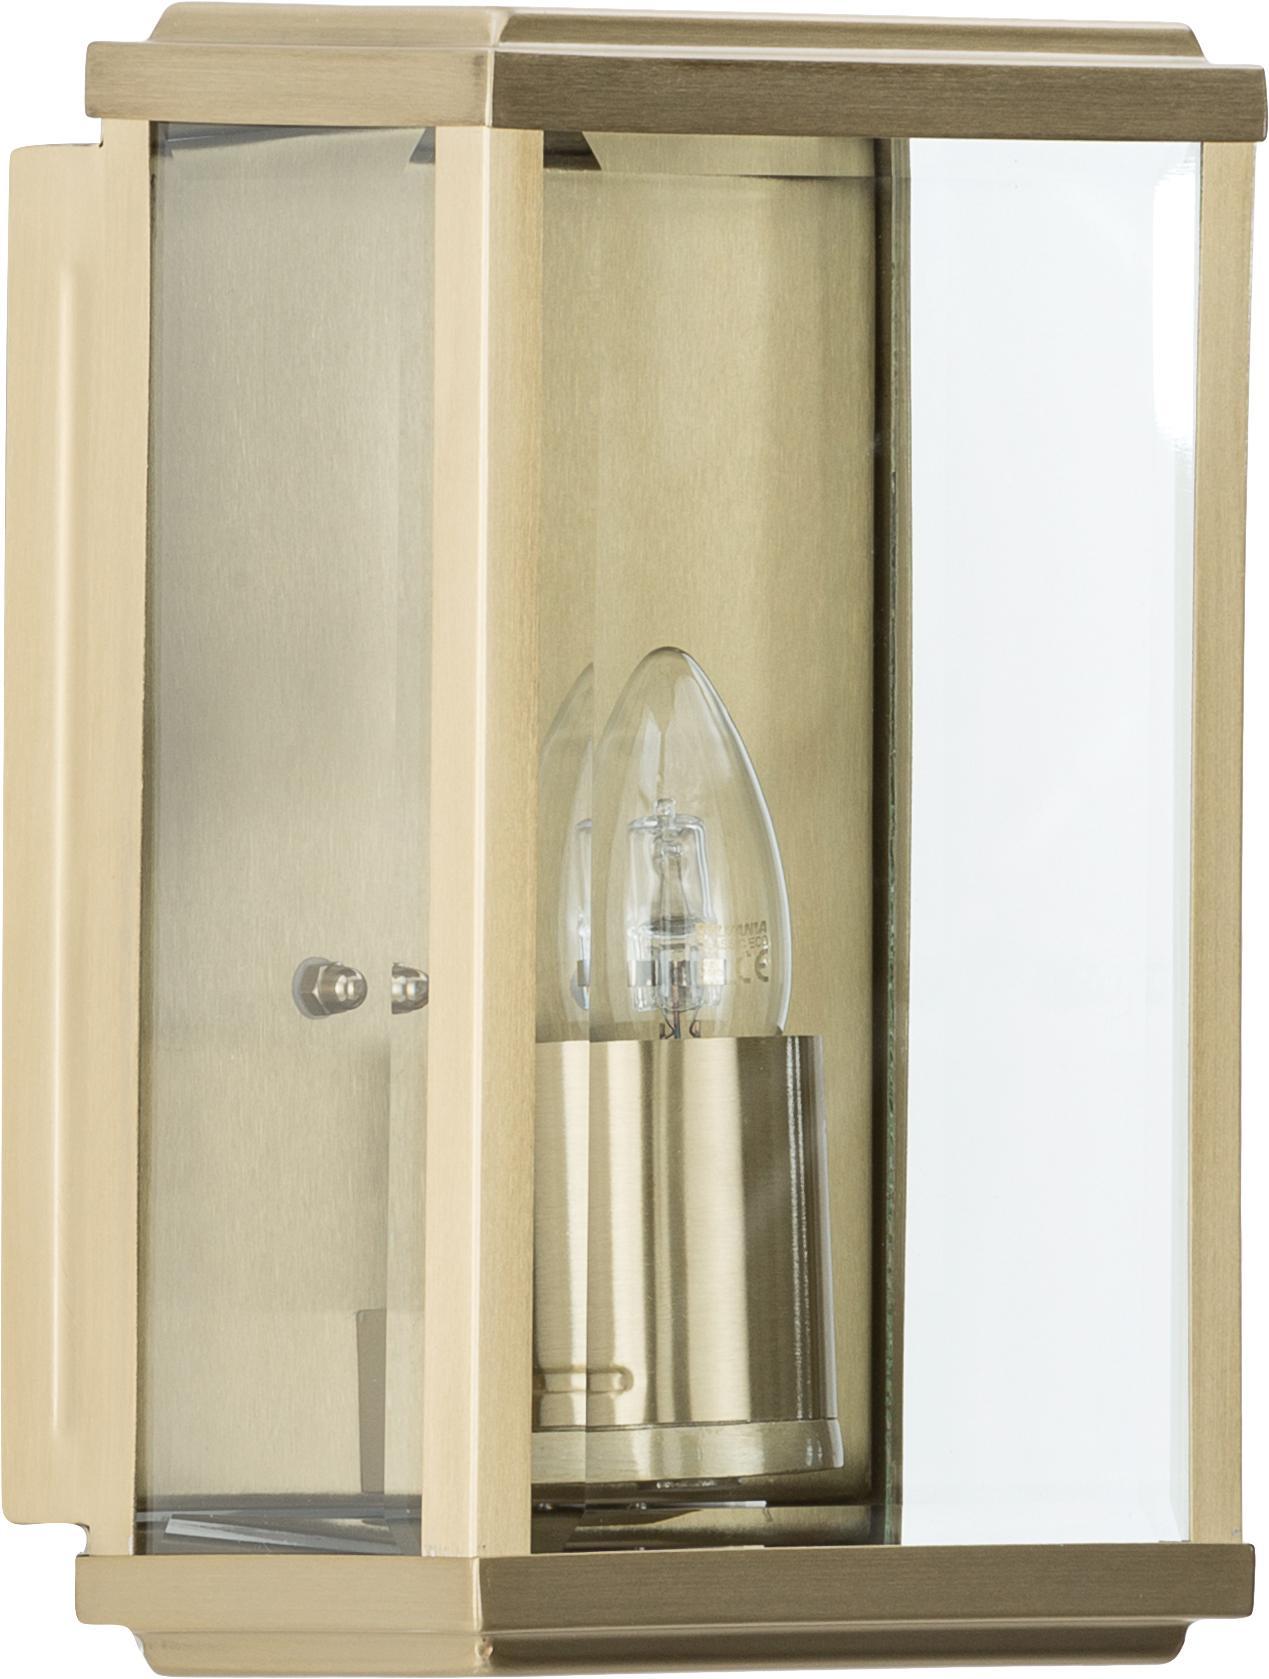 Aplique de exteriorWally, Acero inoxidable, latón con ventana de vidrio, Latón, patinado, transparente, An 16 x Al 25 cm